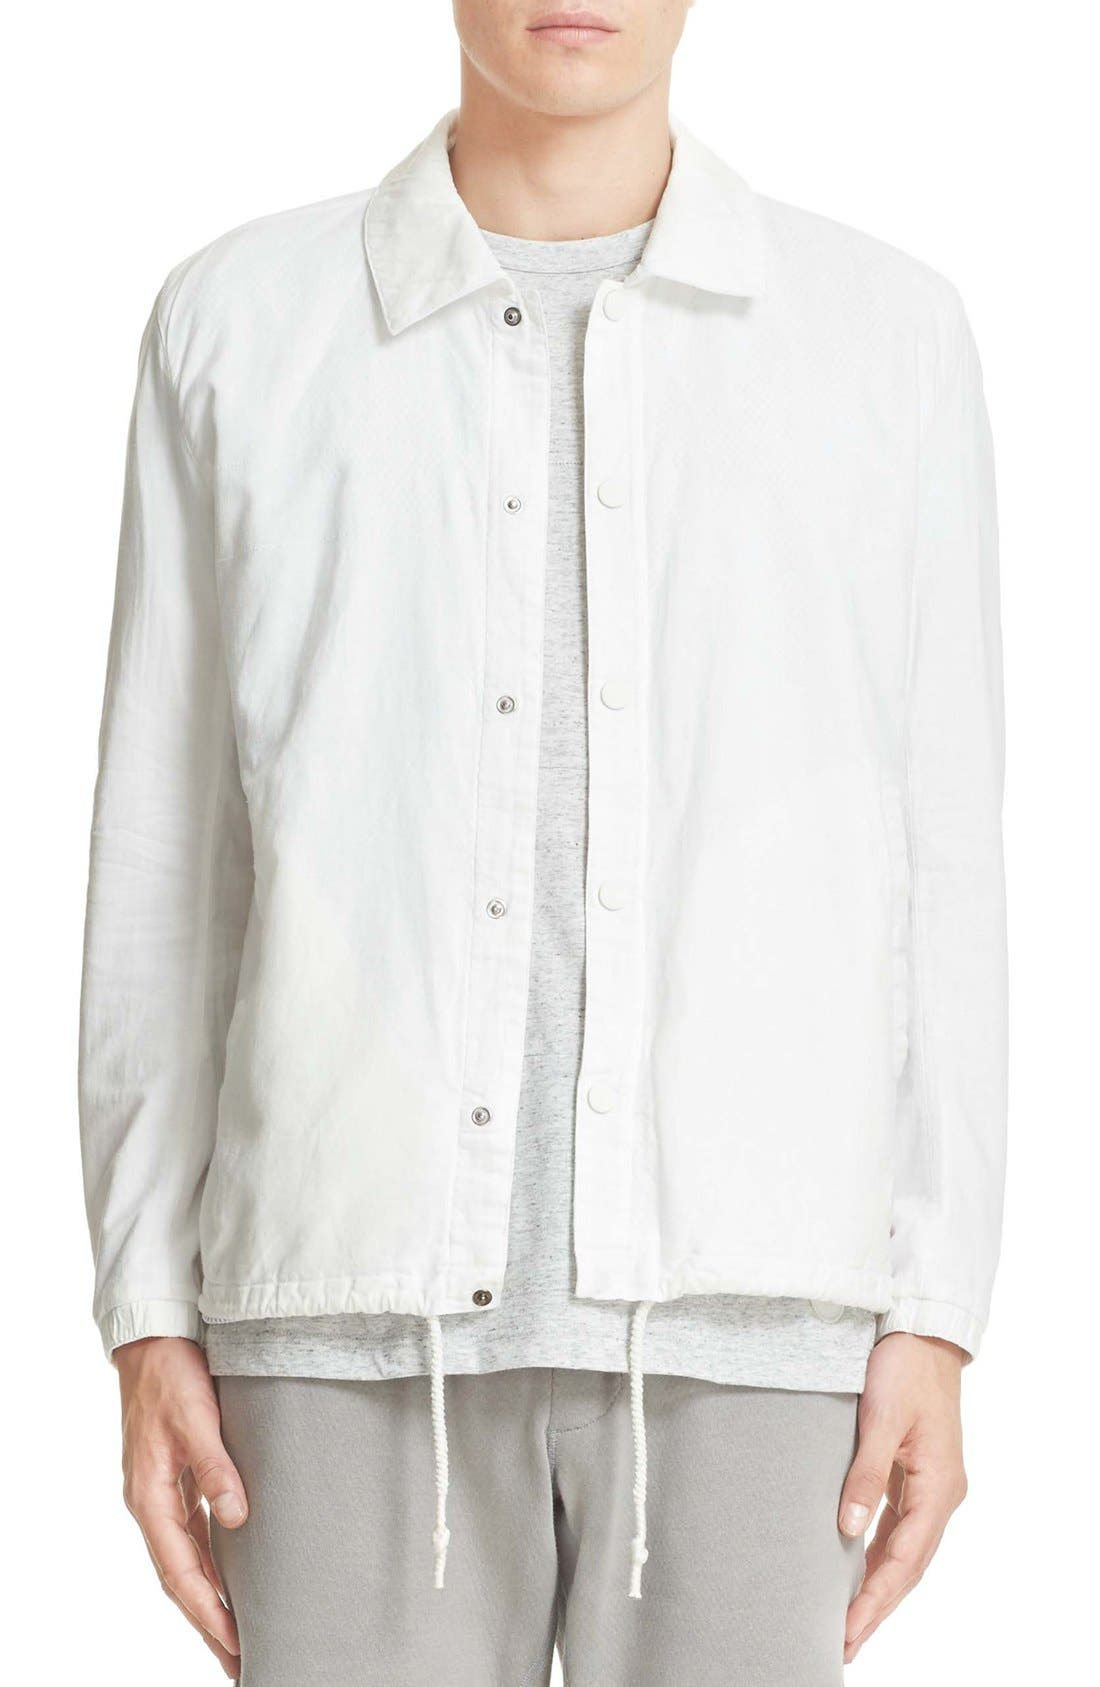 Cotton & Linen Coach Jacket,                             Main thumbnail 1, color,                             100